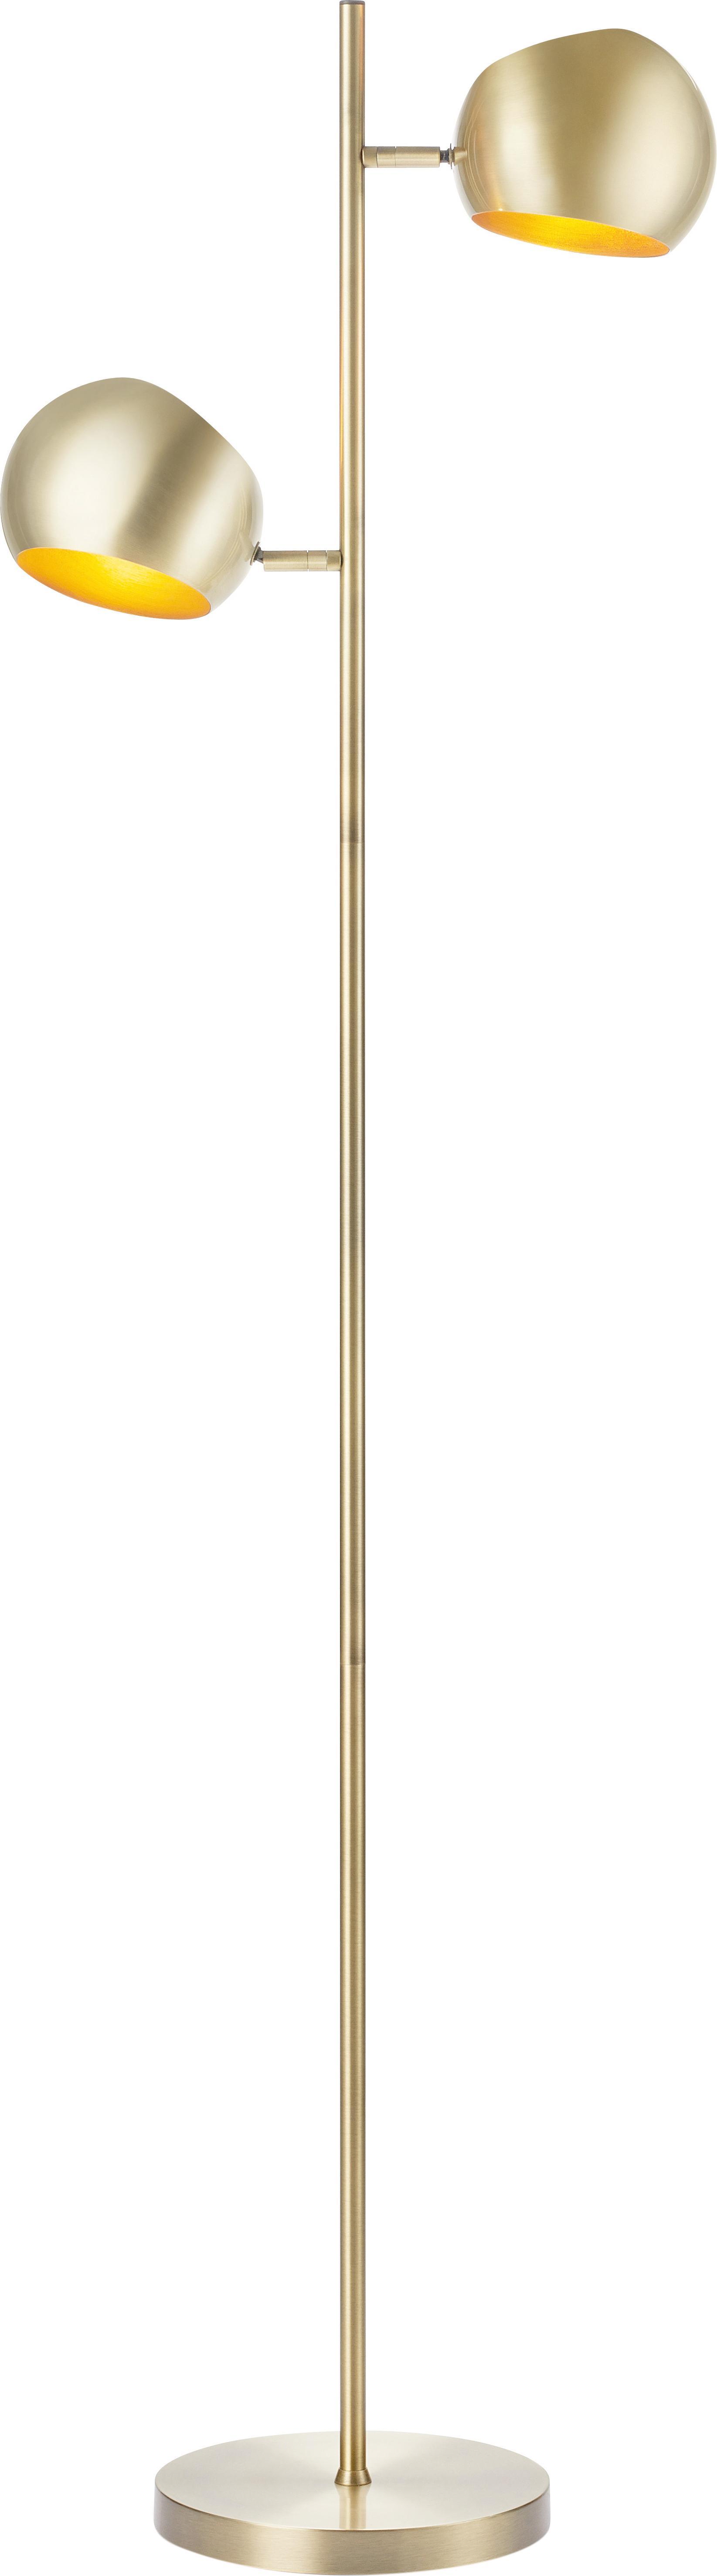 Lámpara de pie Edgar, Pantalla: metal pintado, Cable: plástico, Latón con efecto envejecido, An 40 x Al 145 cm